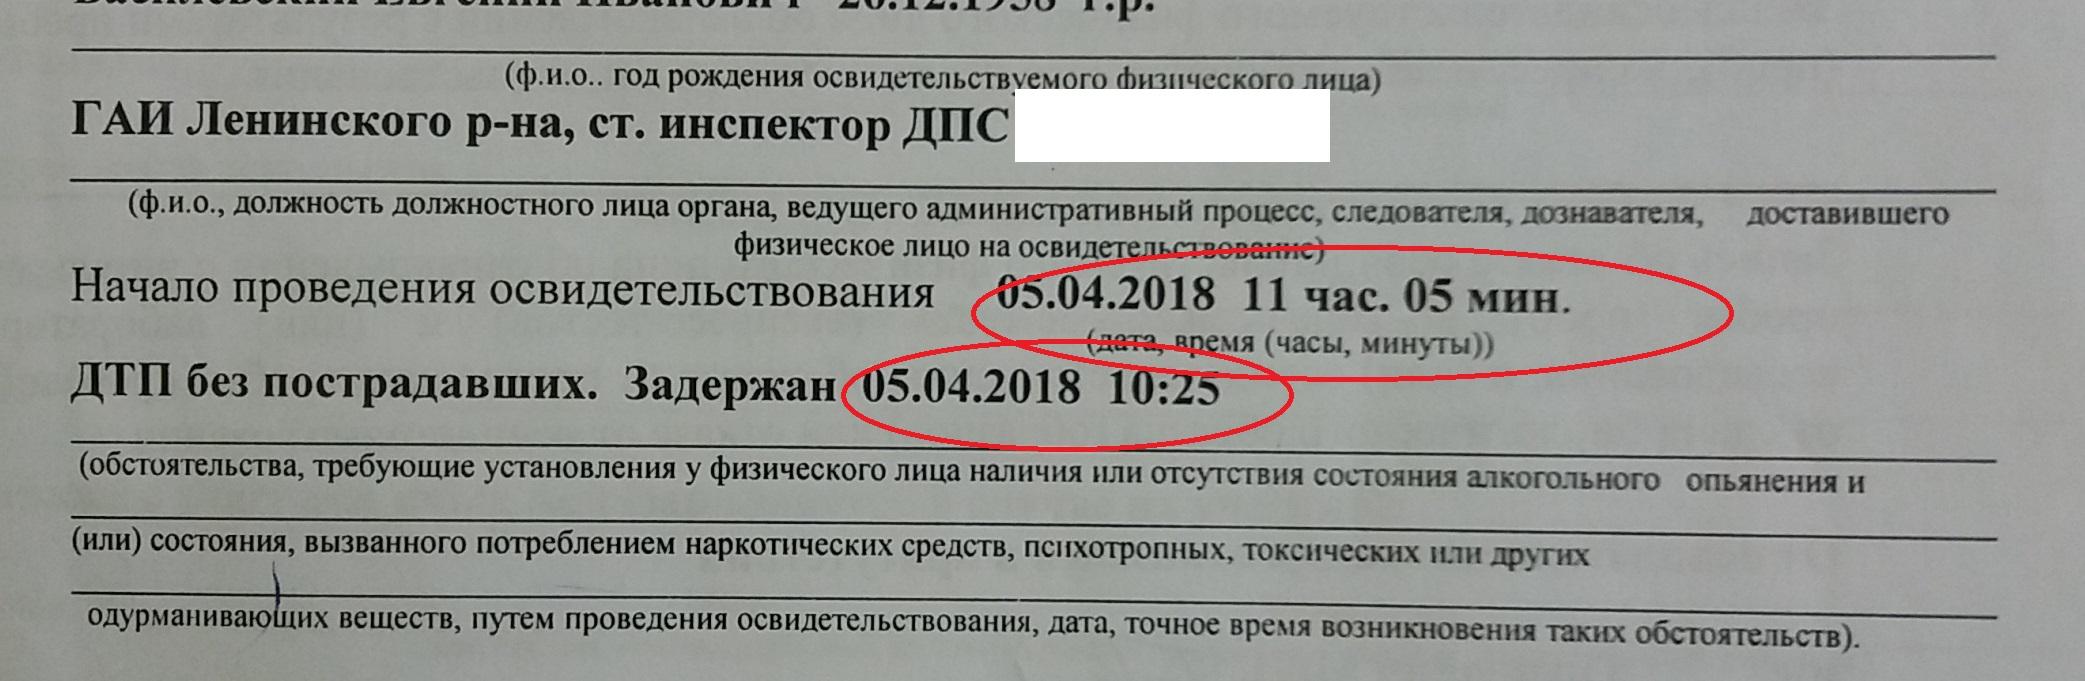 акт освидетельствования по статье 18.16 КоАП (18.15 КоАП в новой редакции) Республики Беларусь, адвокат по статье 18.15 КоАП в РБ, освидетельствование на опьянение